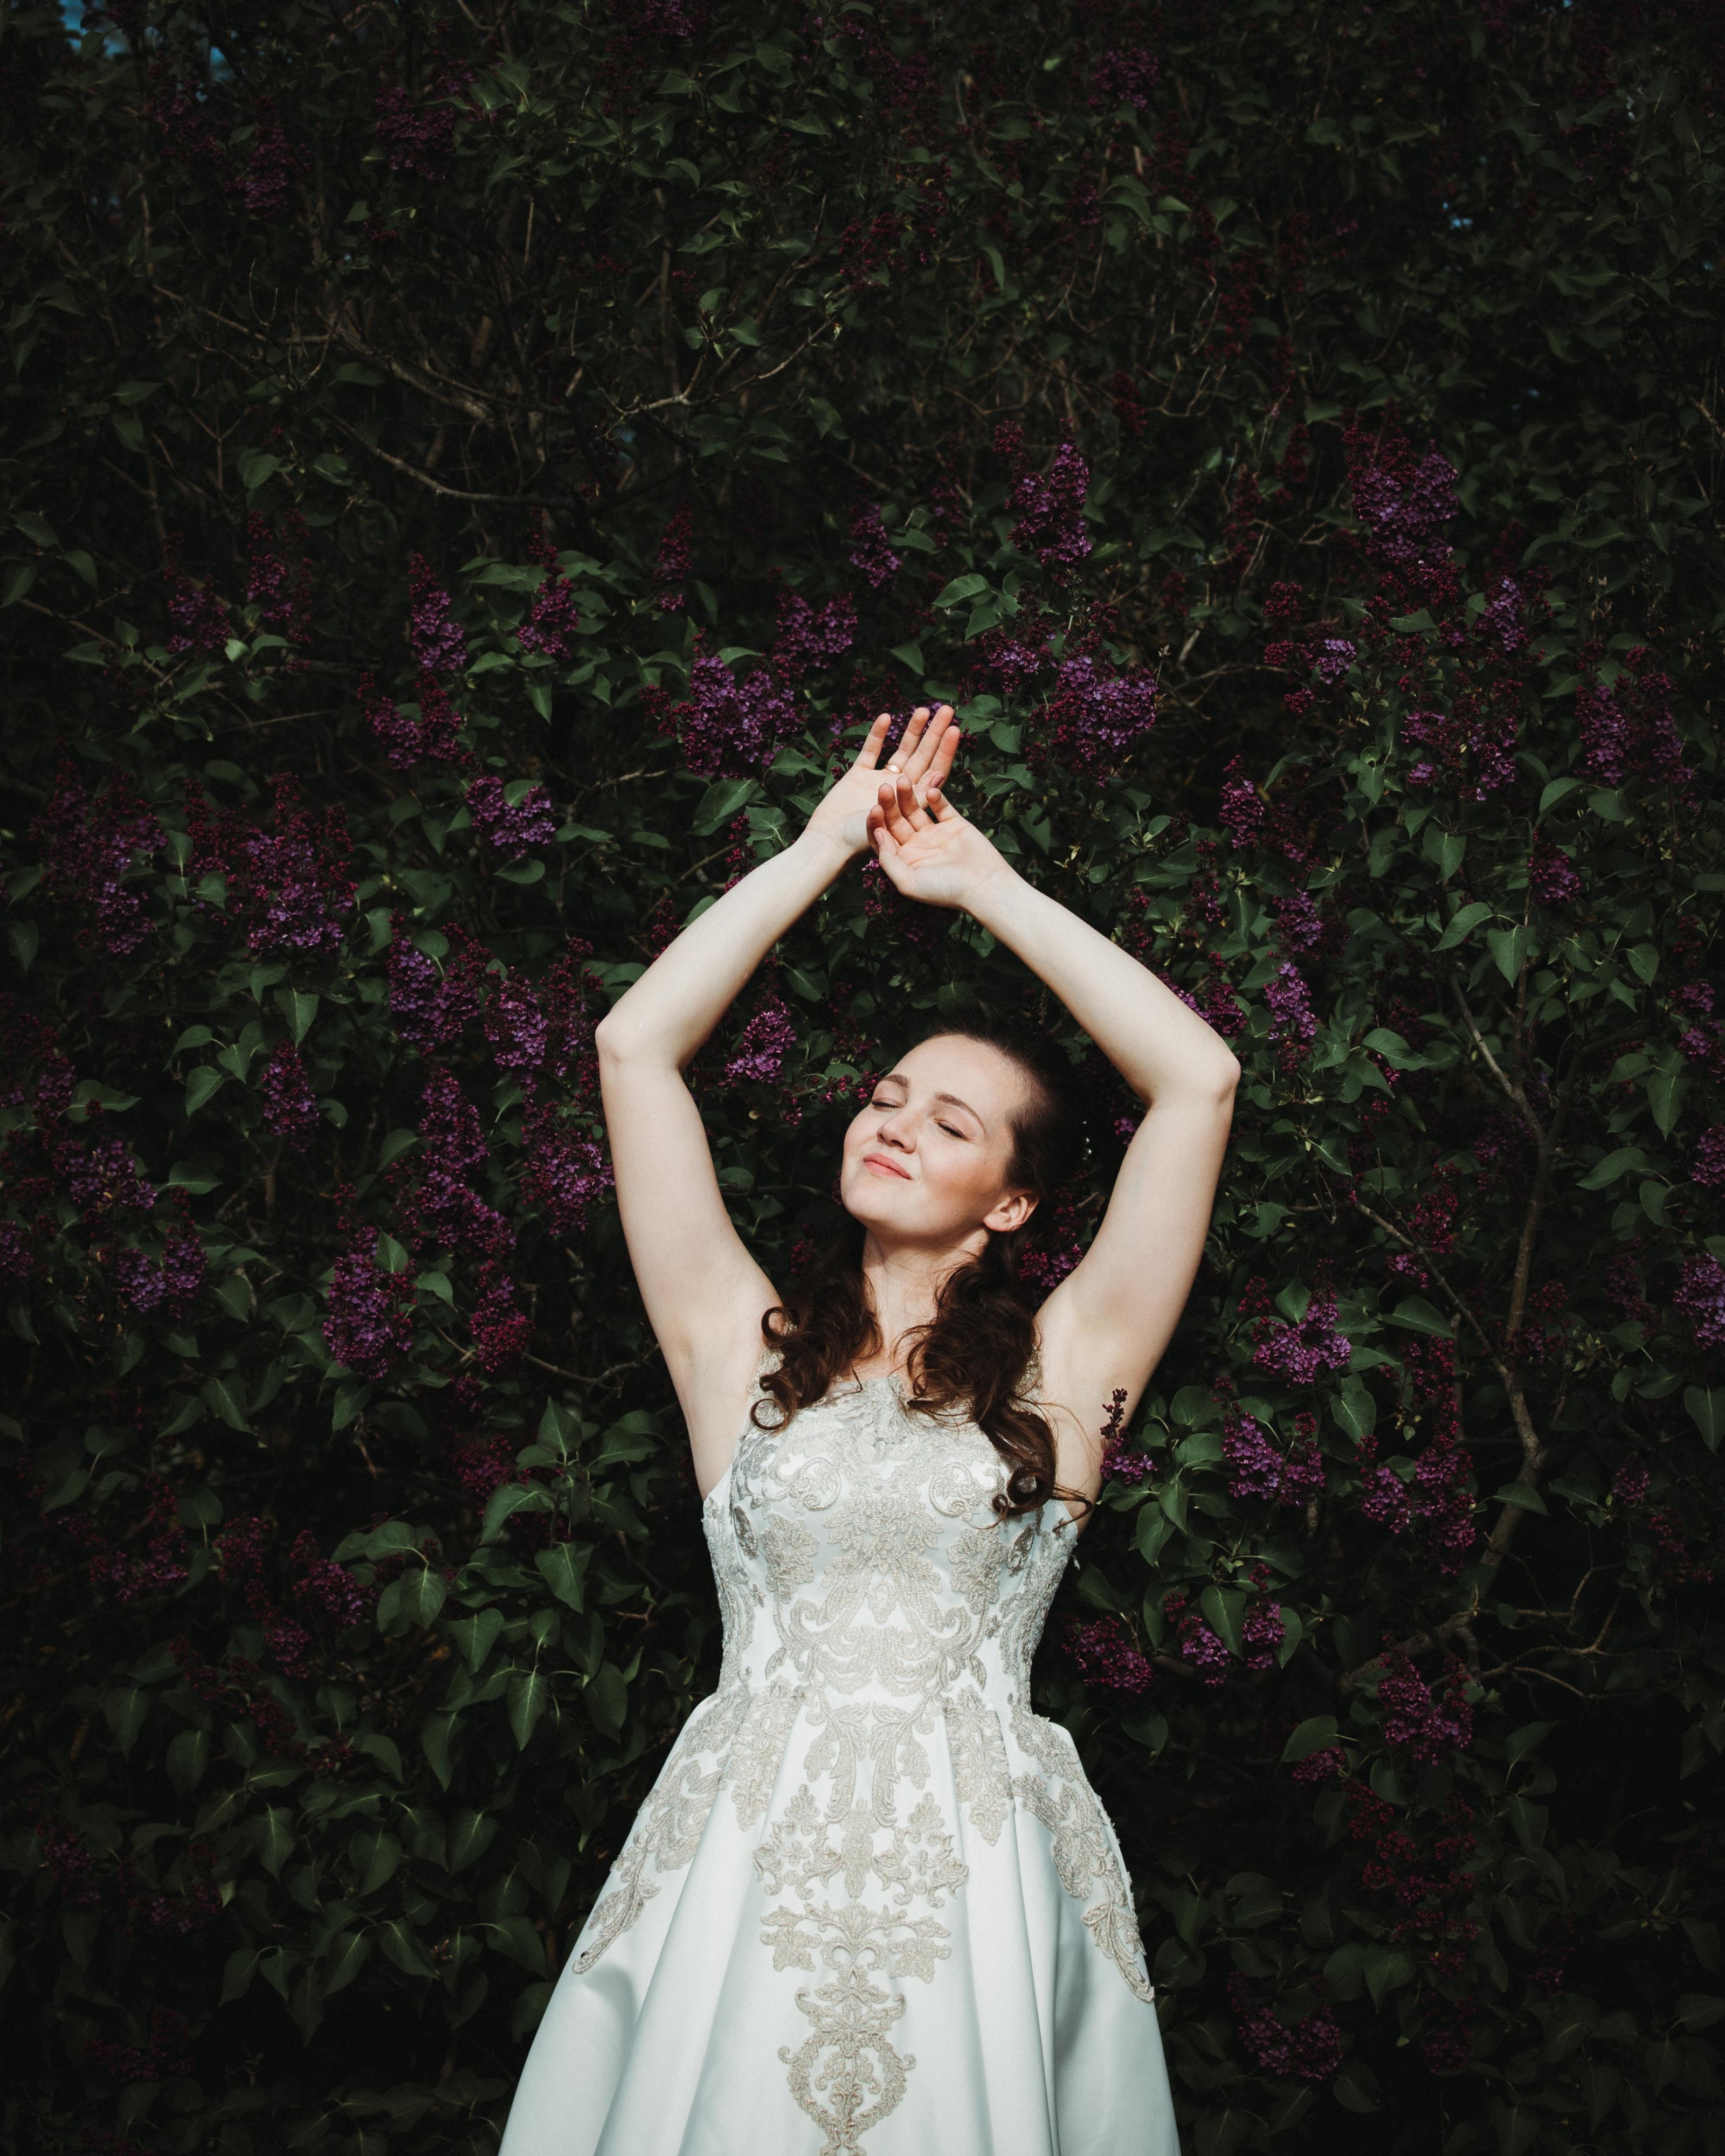 Linda Migla kāzu fotogrāfija